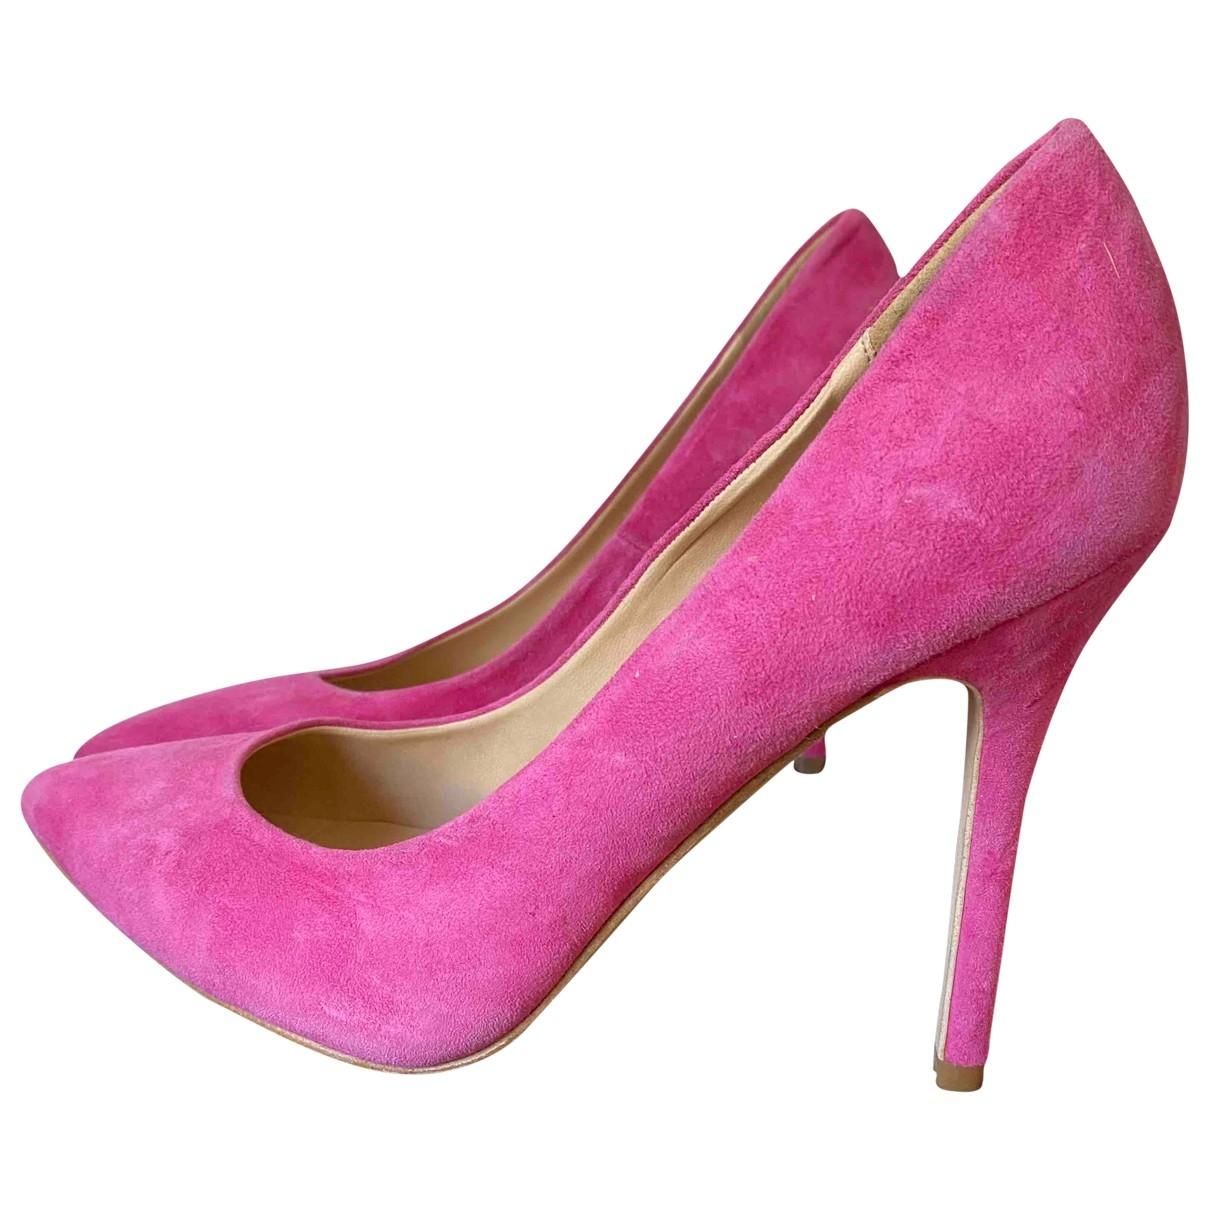 Topshop - Escarpins   pour femme en cuir - rose